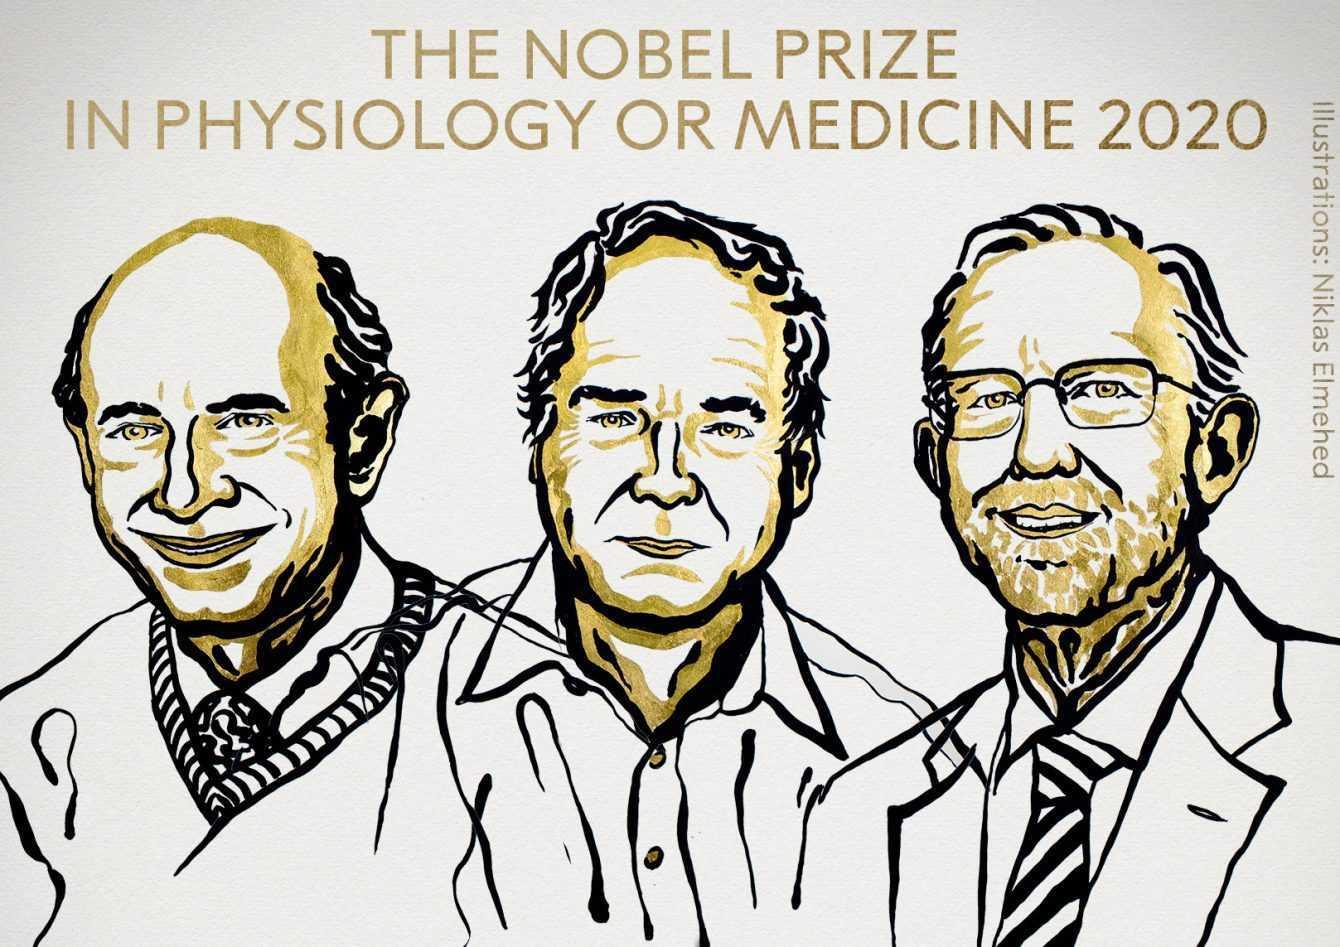 Nobel Medicina 2020: trionfano gli scopritori dell'epatite C